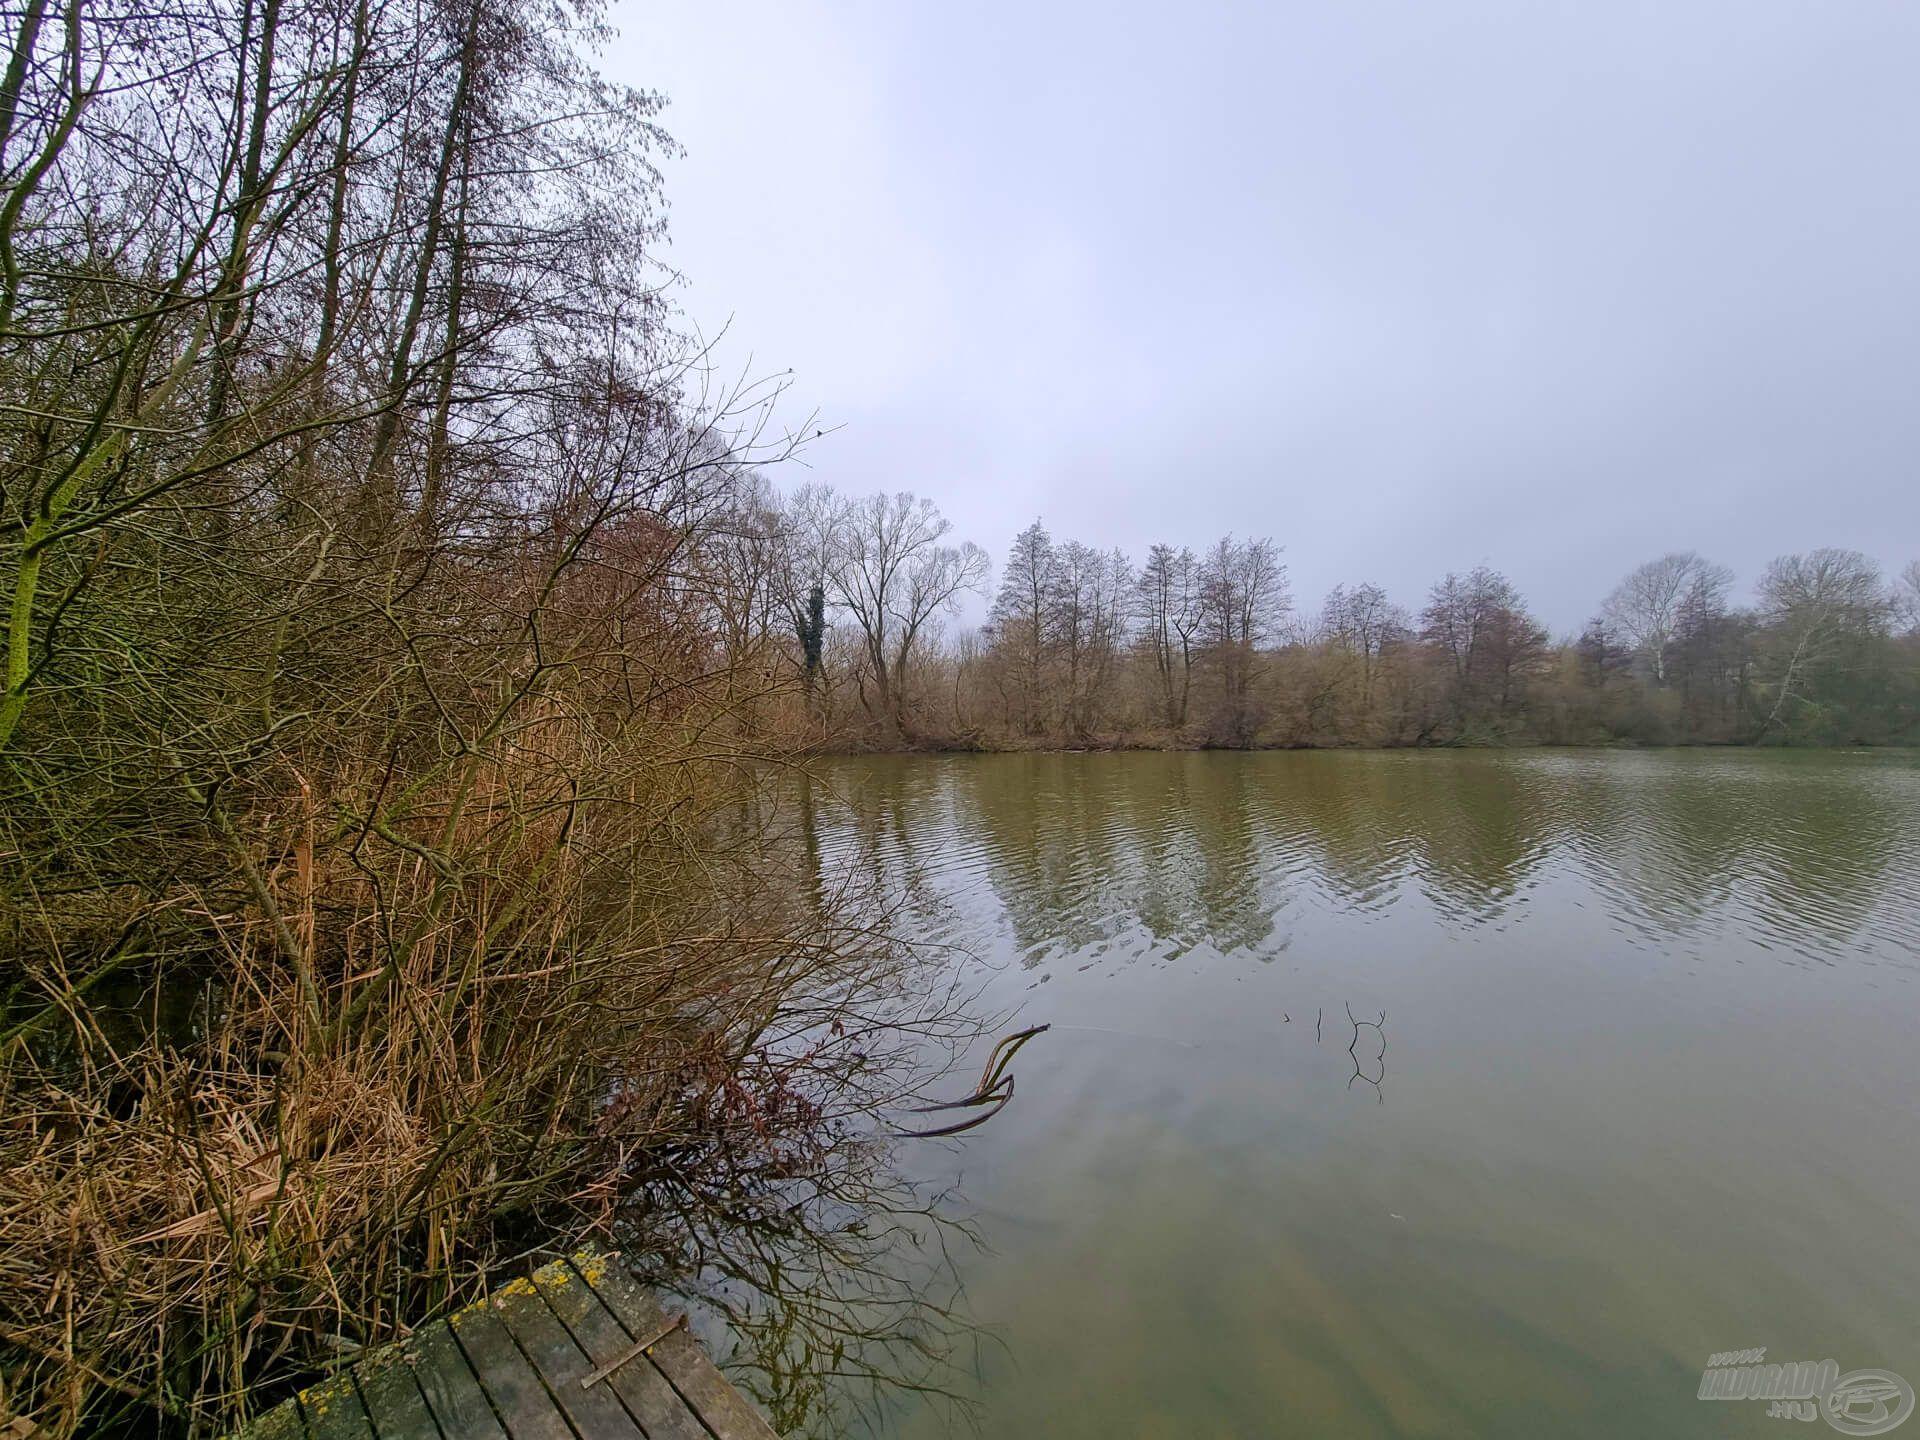 Kiindulópontnak a tó legutolsó helyét választottam. Balra háborítatlan öböl, szemben fákkal és bokrokkal benőtt potenciális haltartó helyek